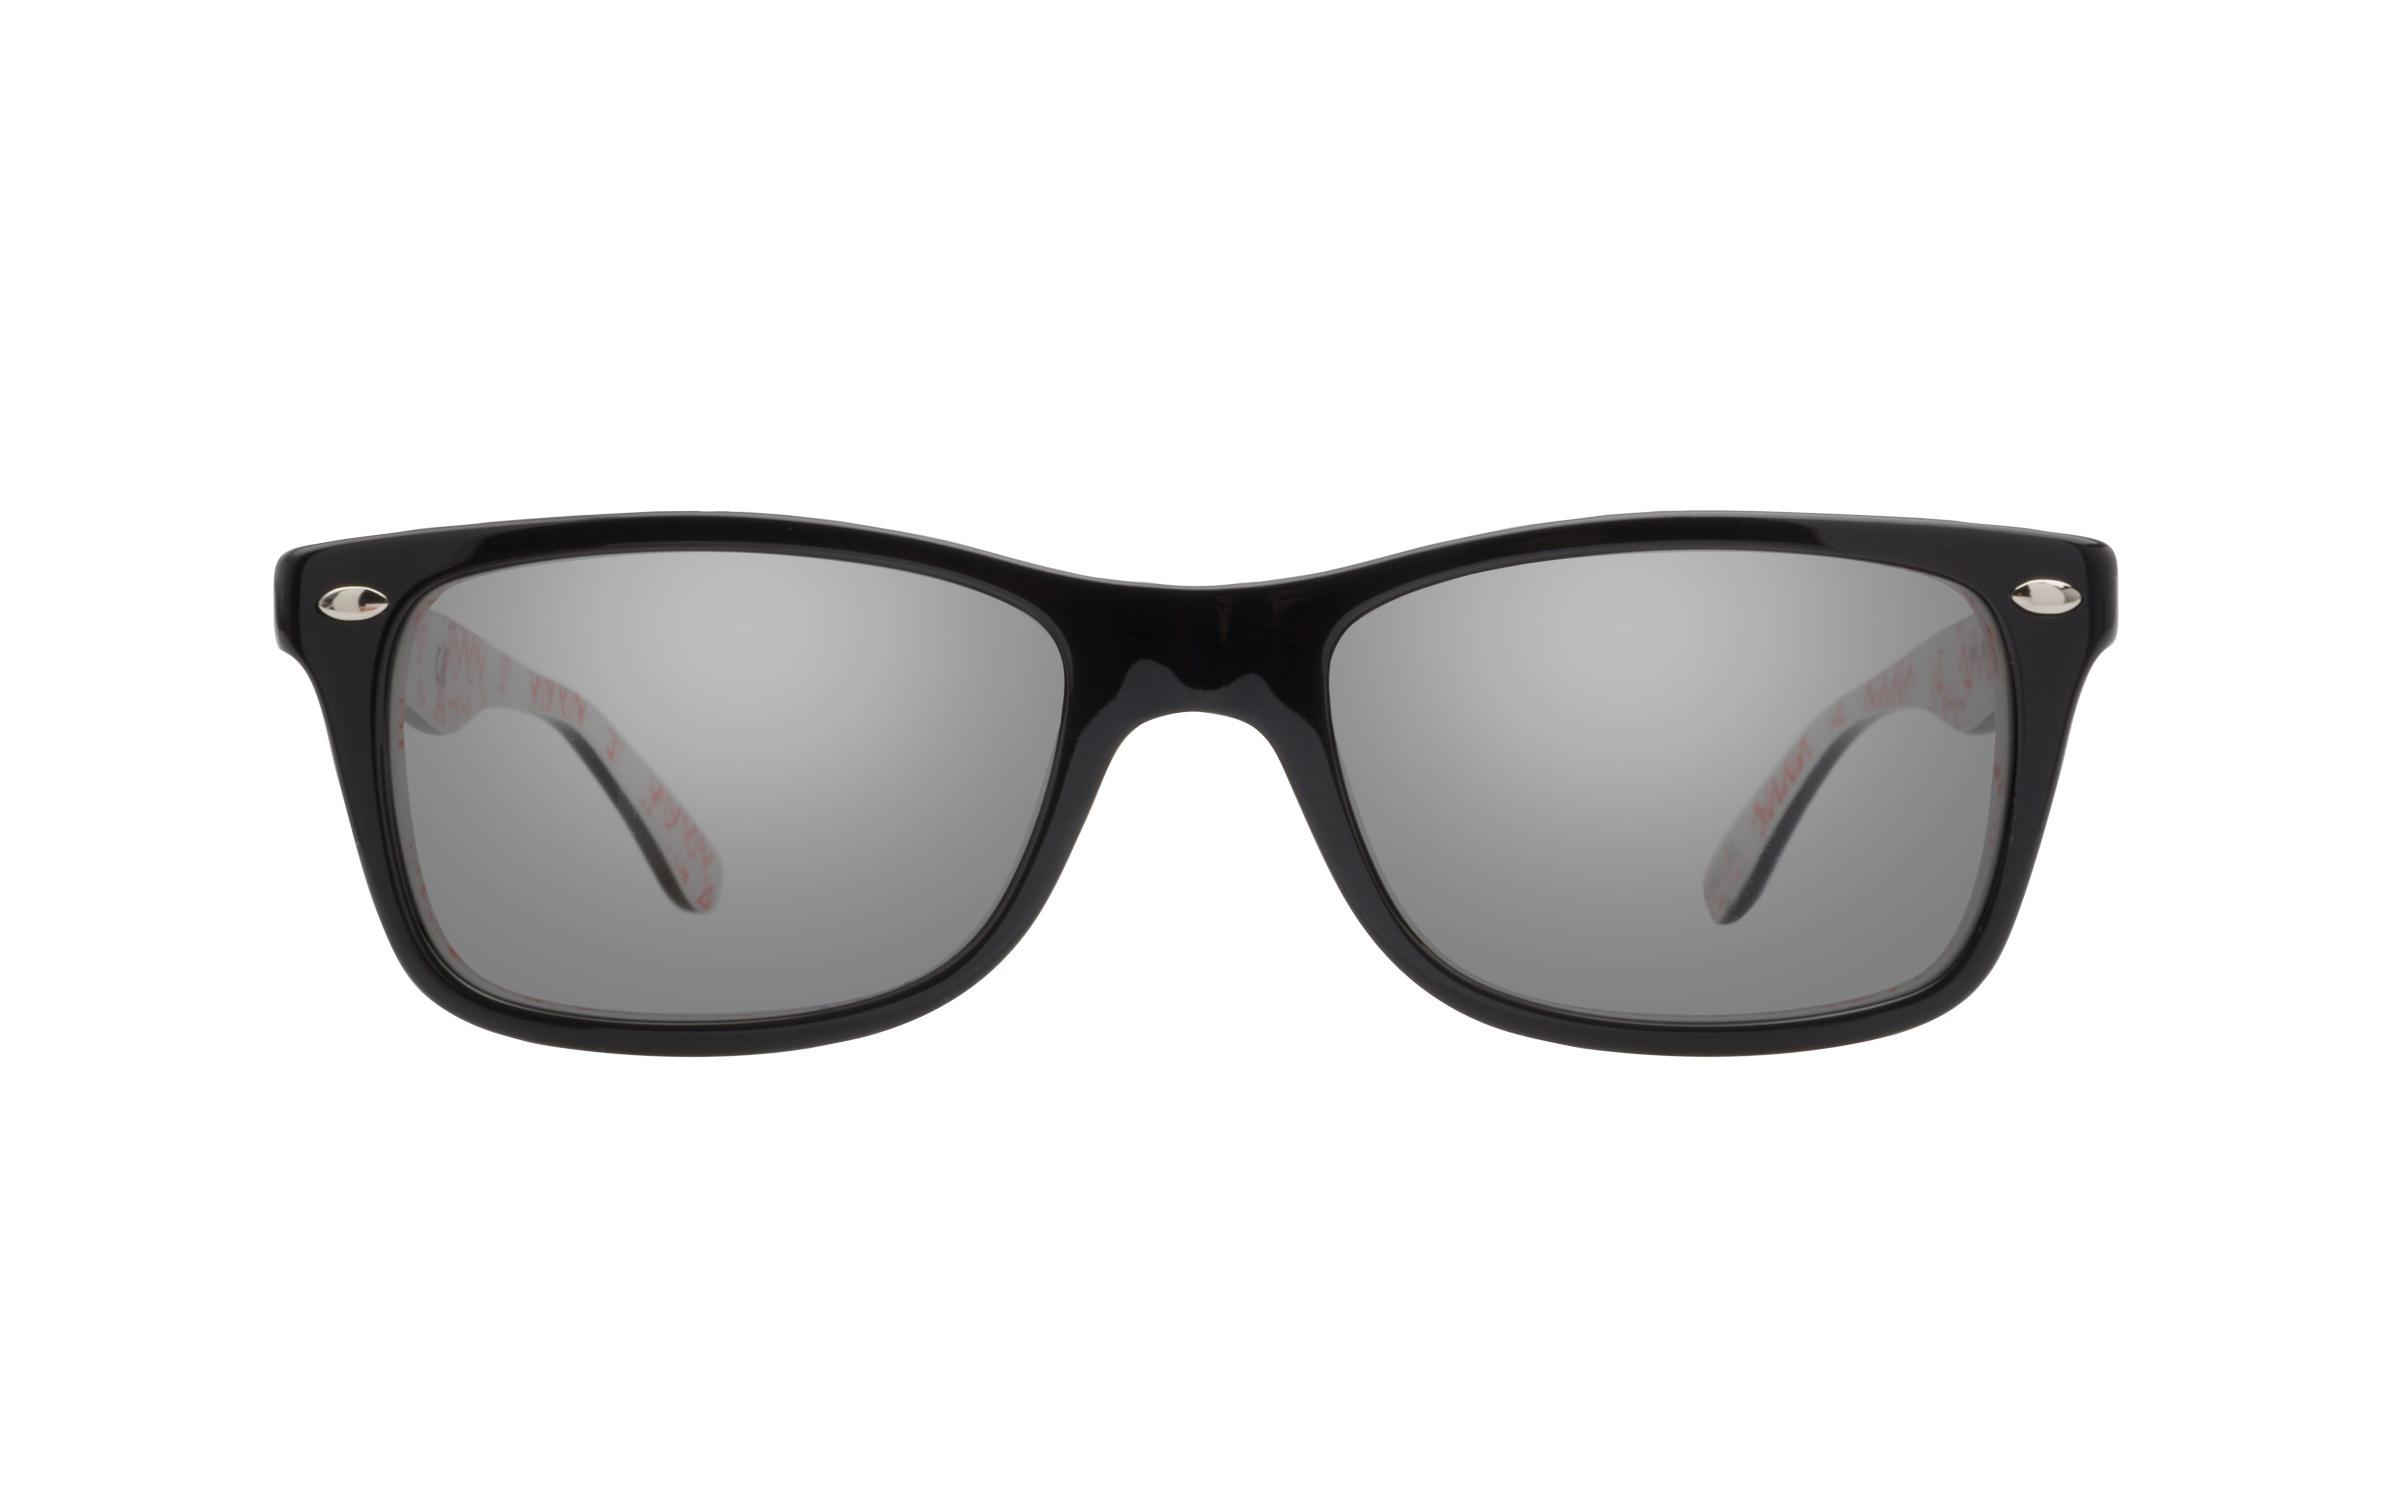 sears optical ban price